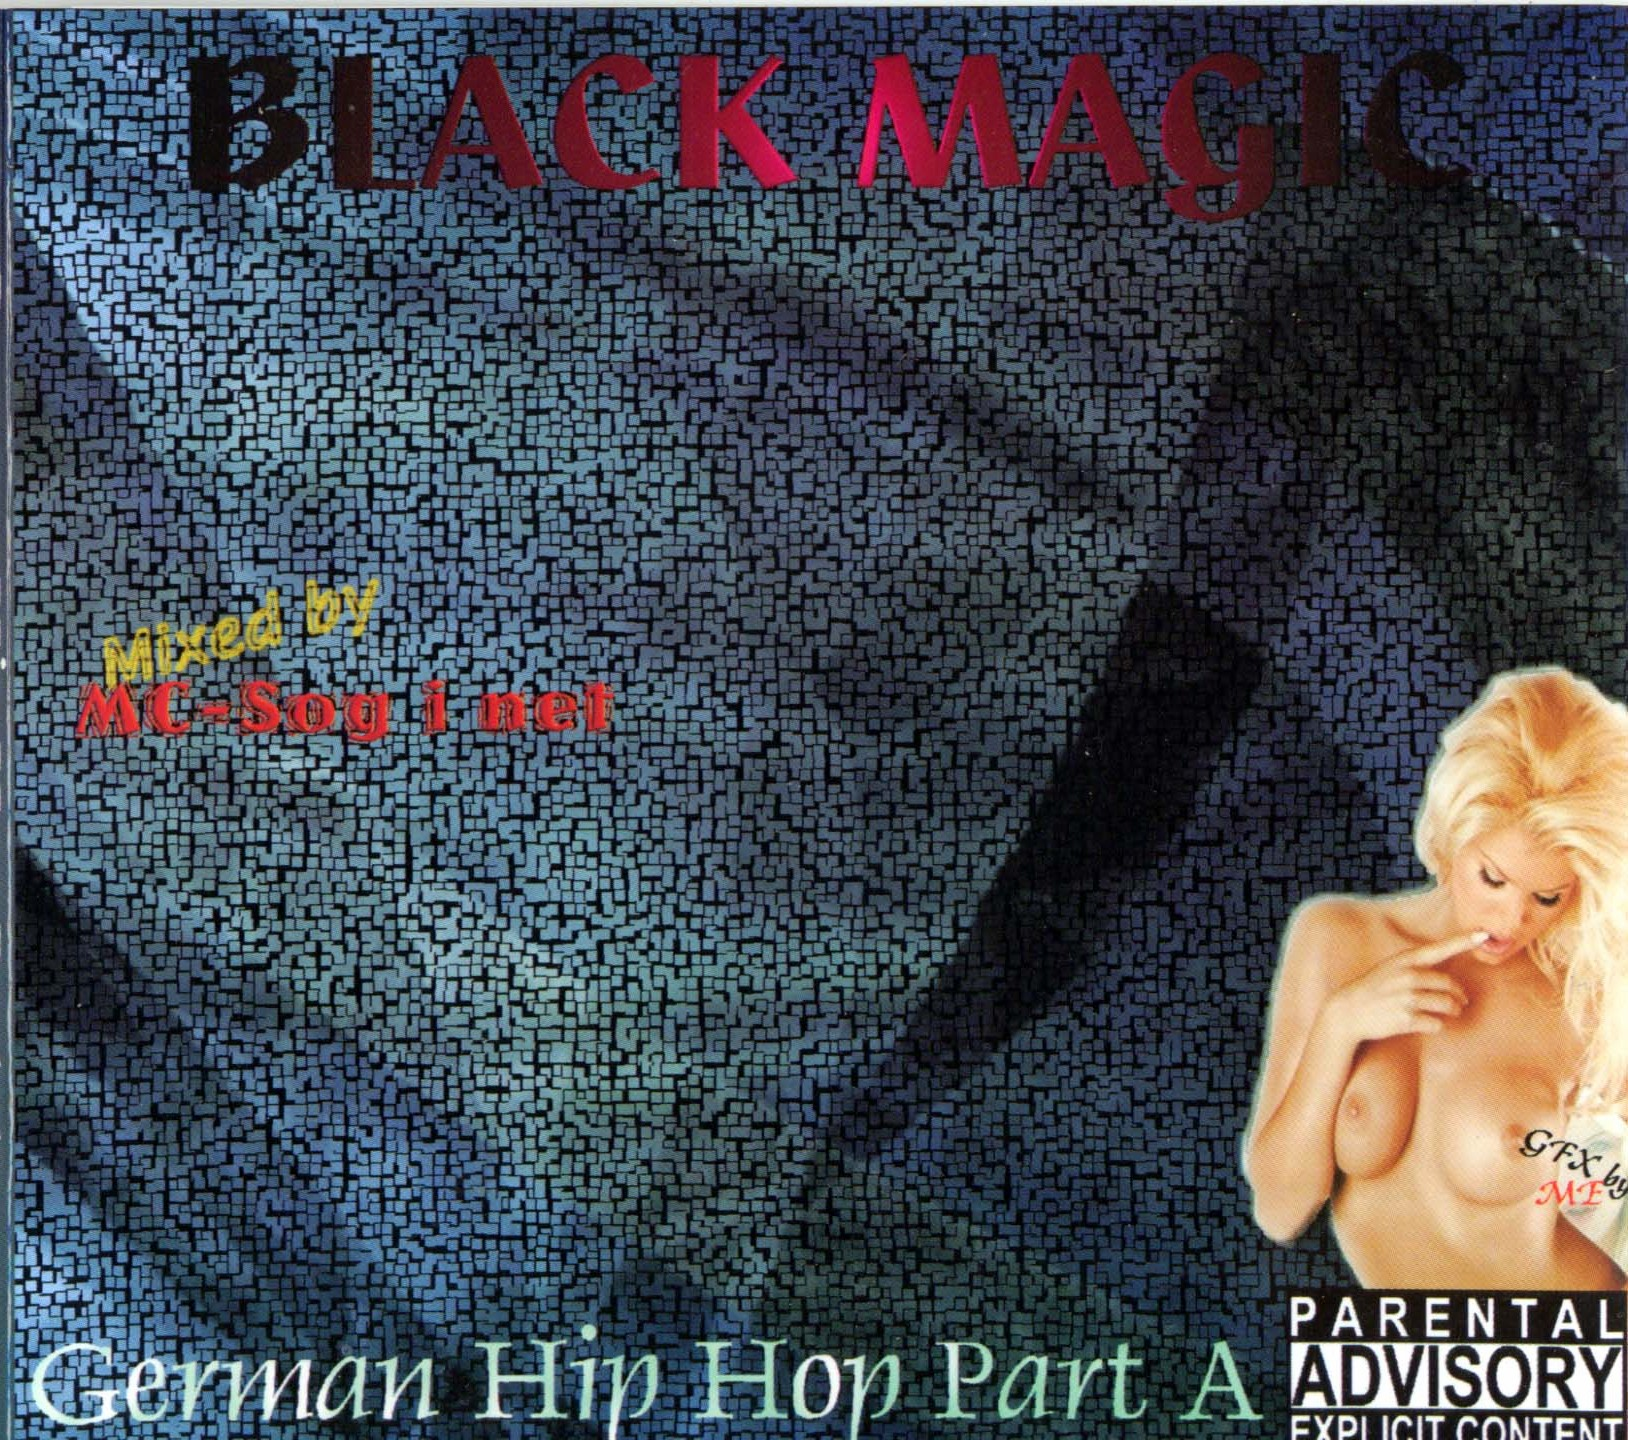 Black Magic - German Hip Hop Part A